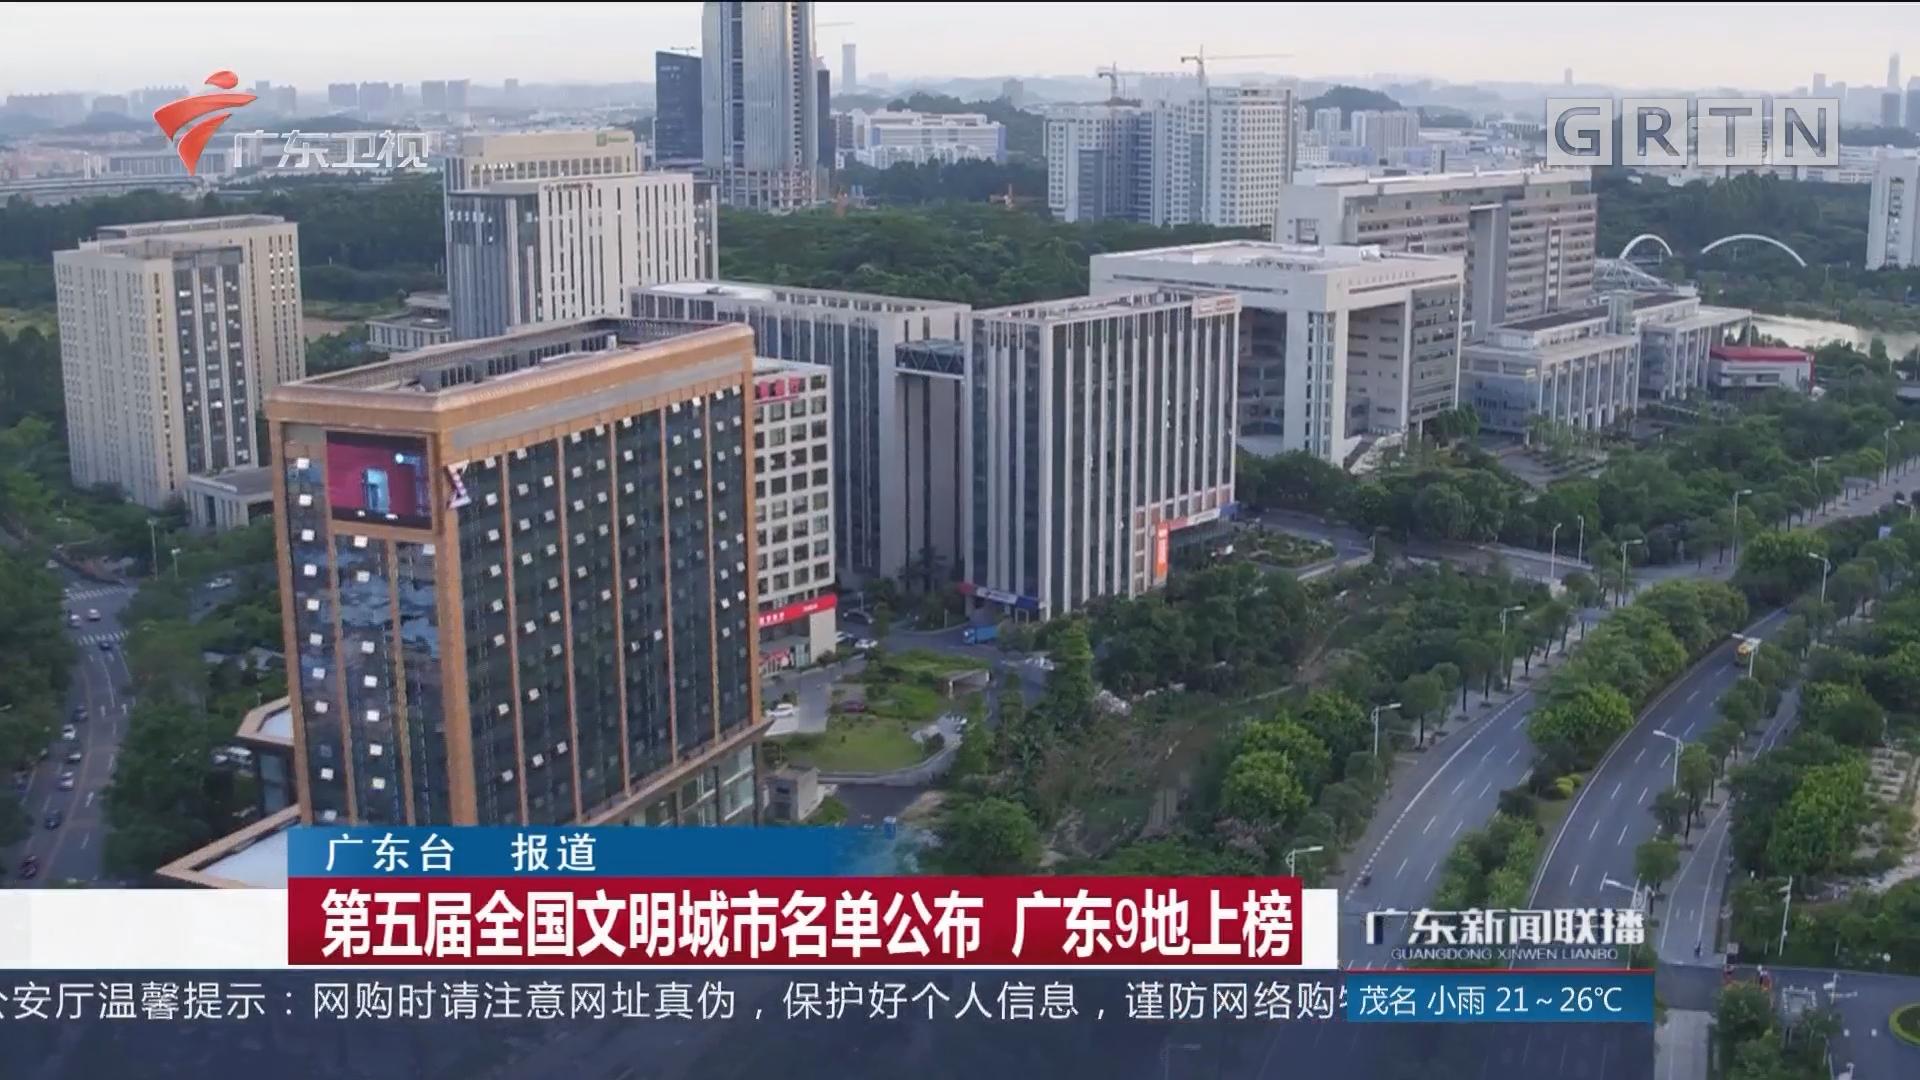 第五届全国文明城市名单公布 广东9地上榜